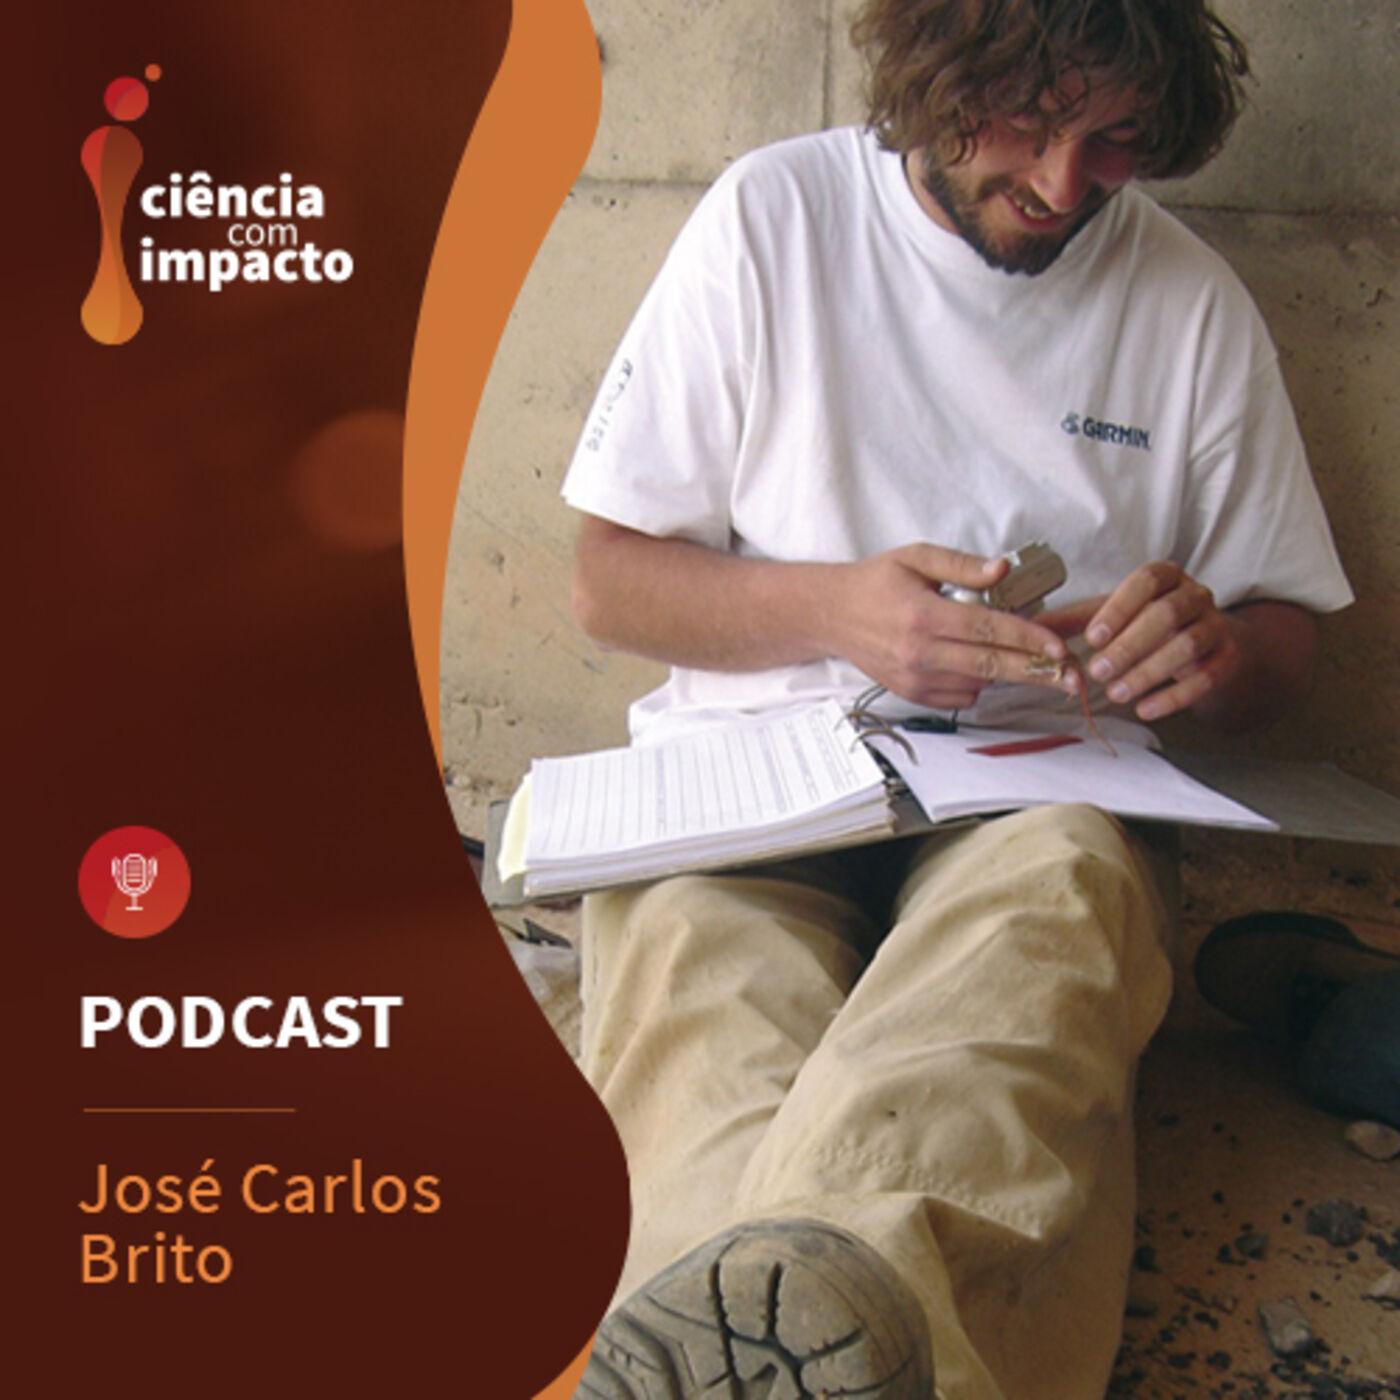 Podcast T1E4: José Carlos Brito - A diversidade Biológica dos Desertos